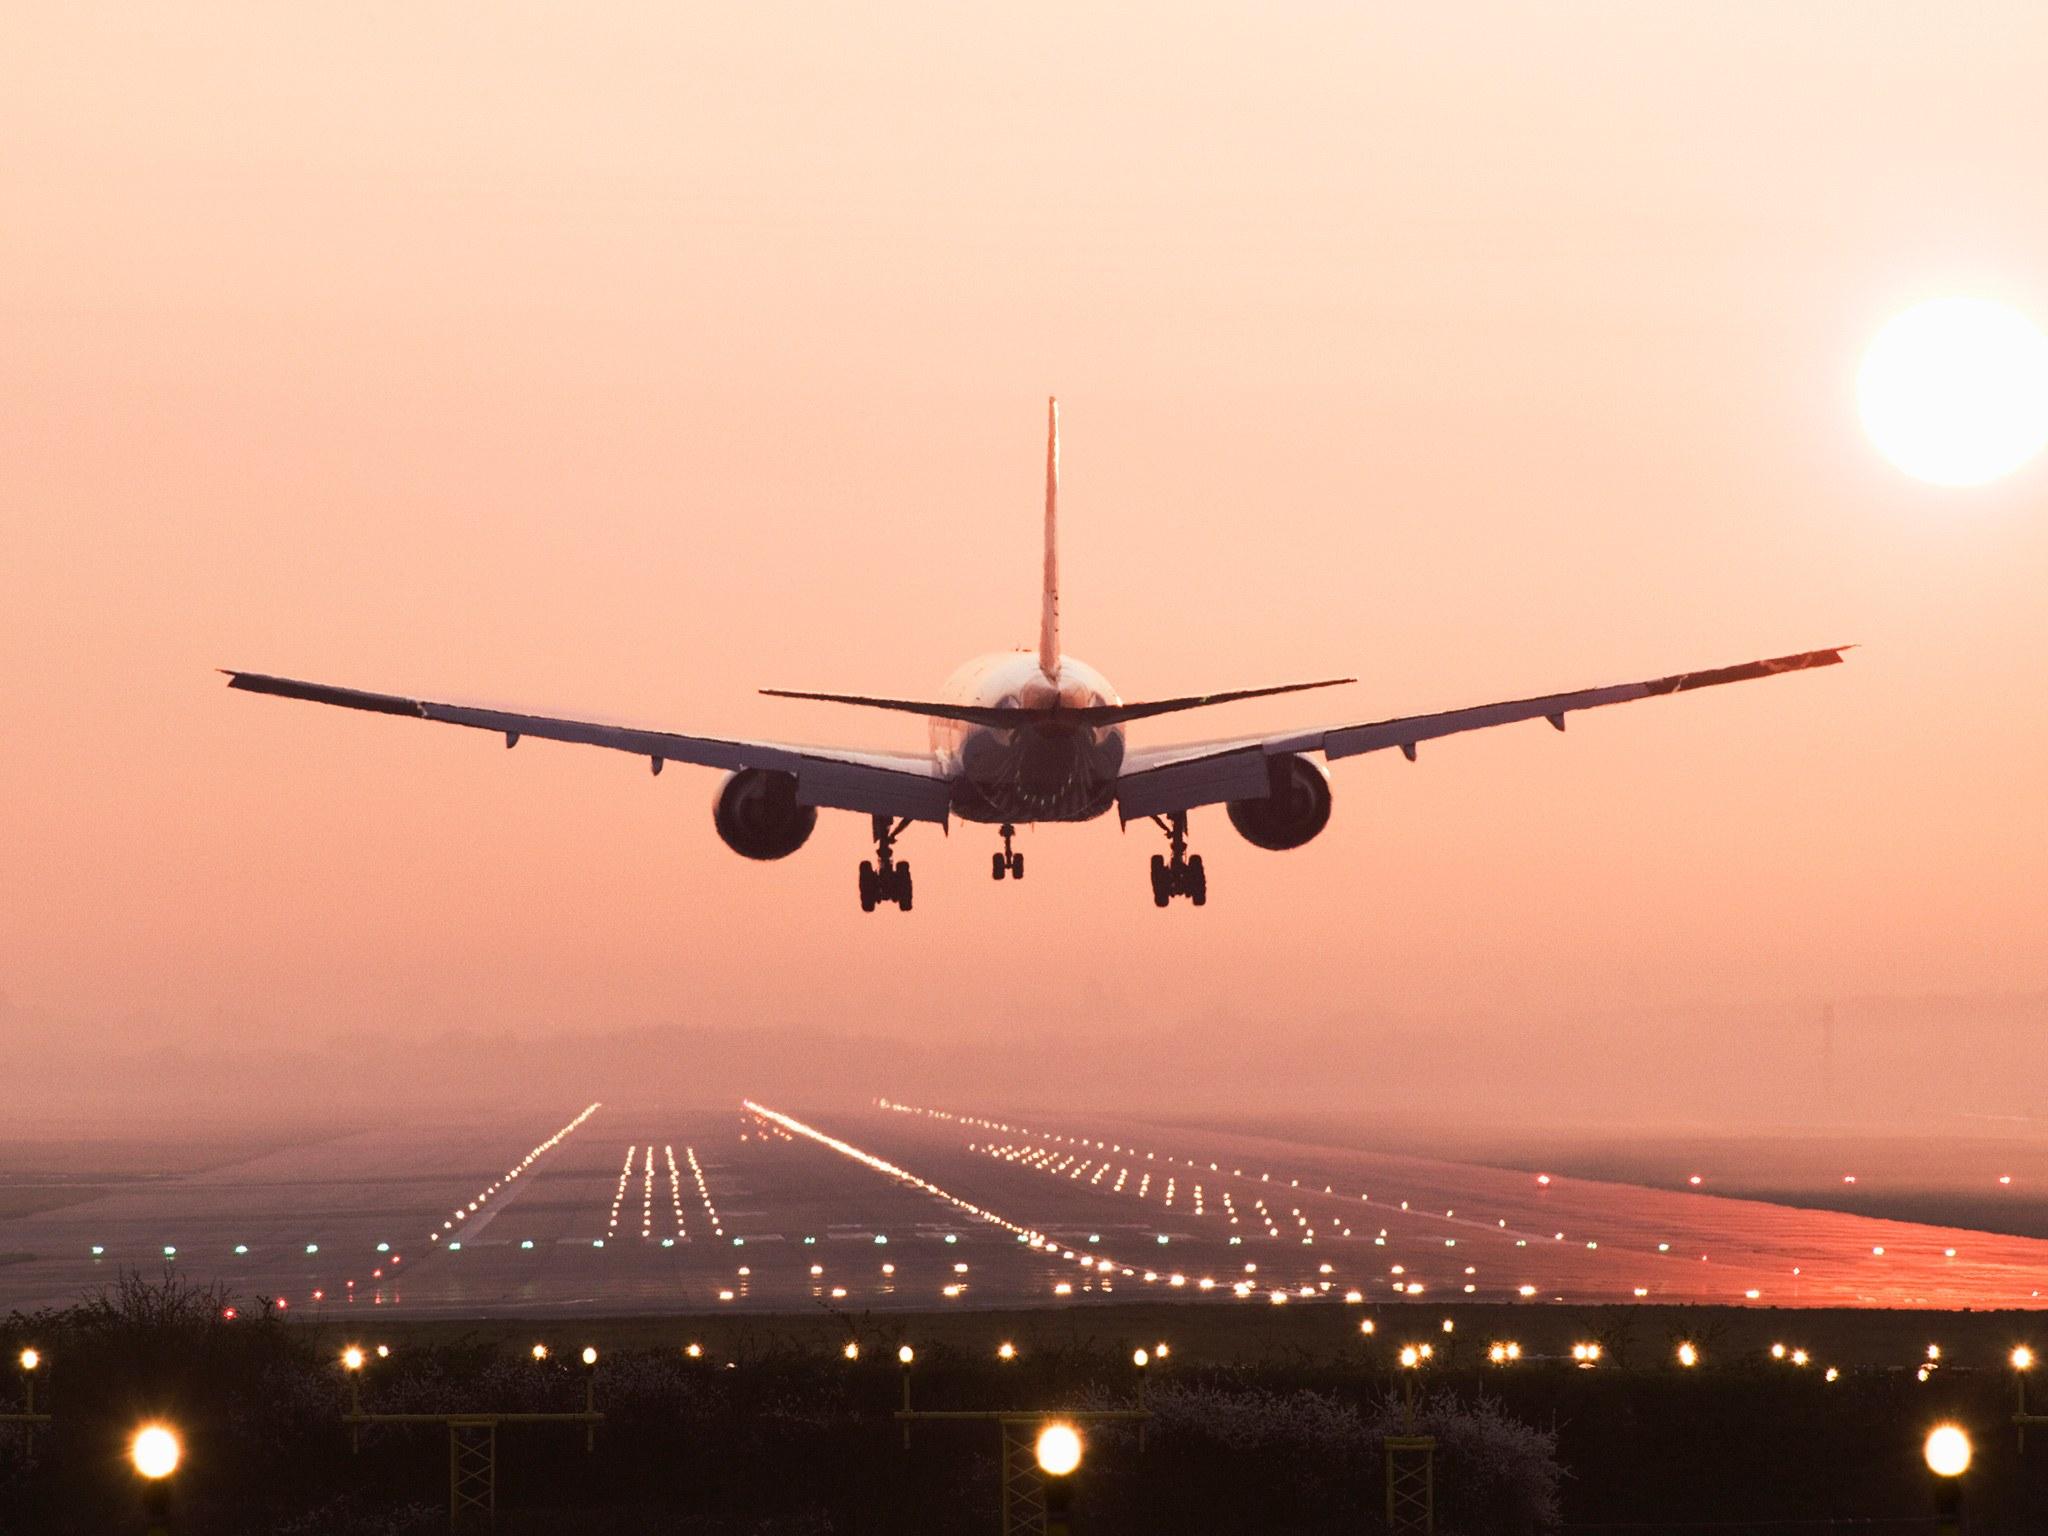 Please Don't Clap When the Plane Lands - Condé Nast Traveler